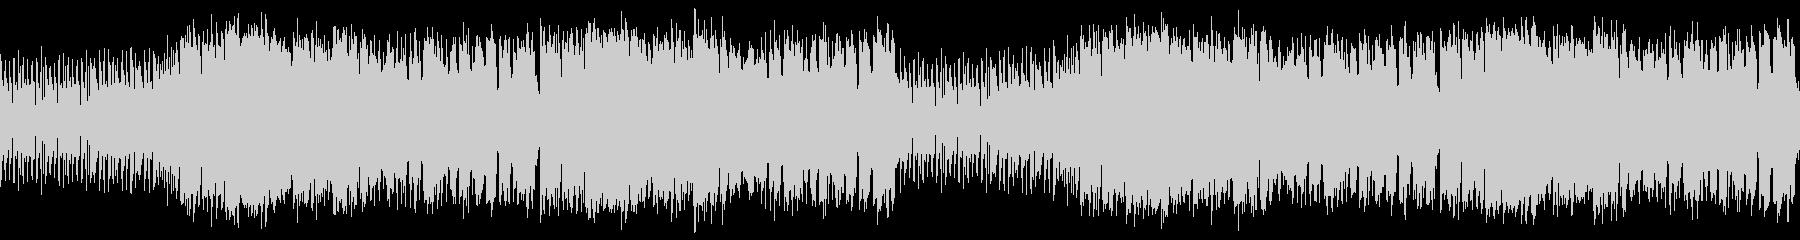 ループ素材 スタイリッシュジャズビートの未再生の波形